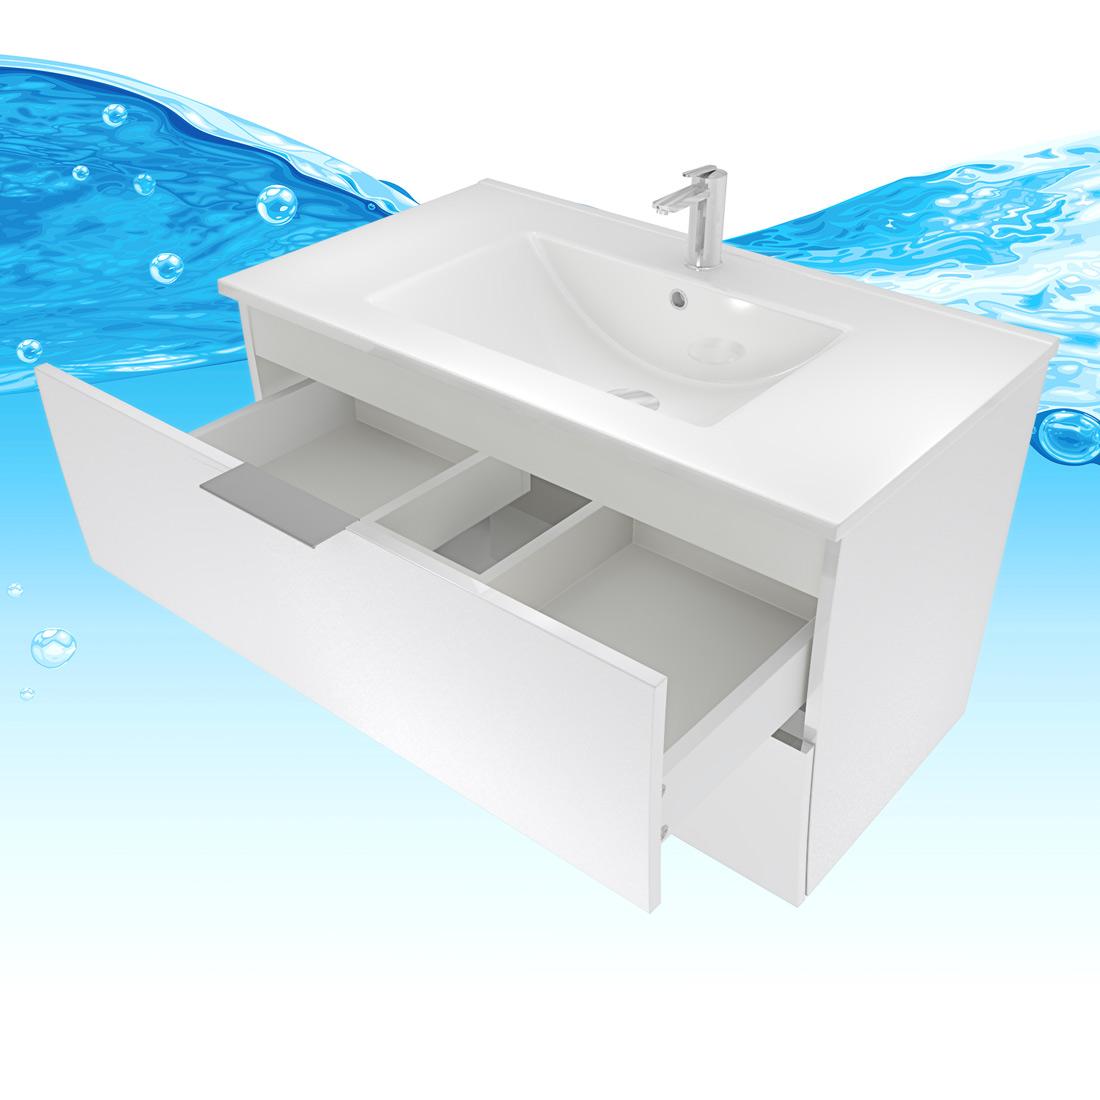 waschtisch mit waschbecken unterschrank gently 2 80cm hochglanz wei. Black Bedroom Furniture Sets. Home Design Ideas